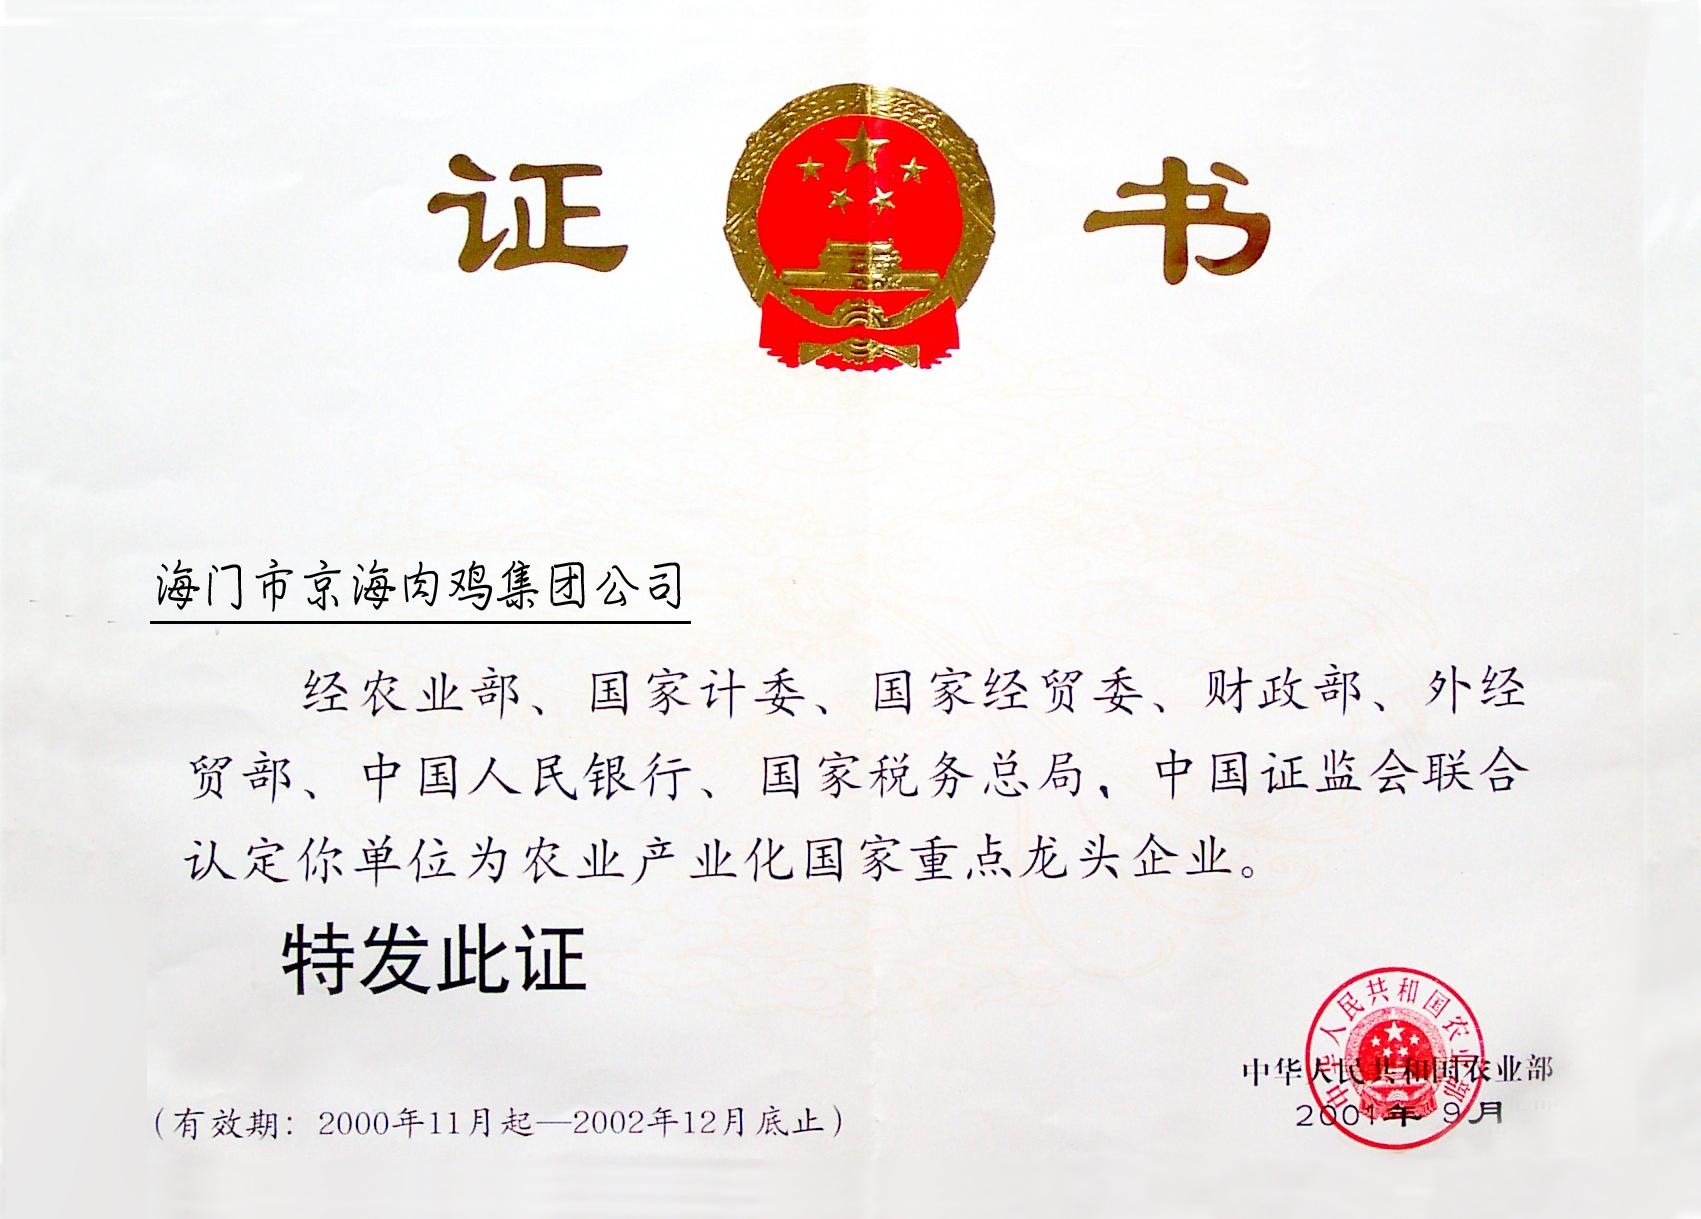 龙头企业资格证书.jpg